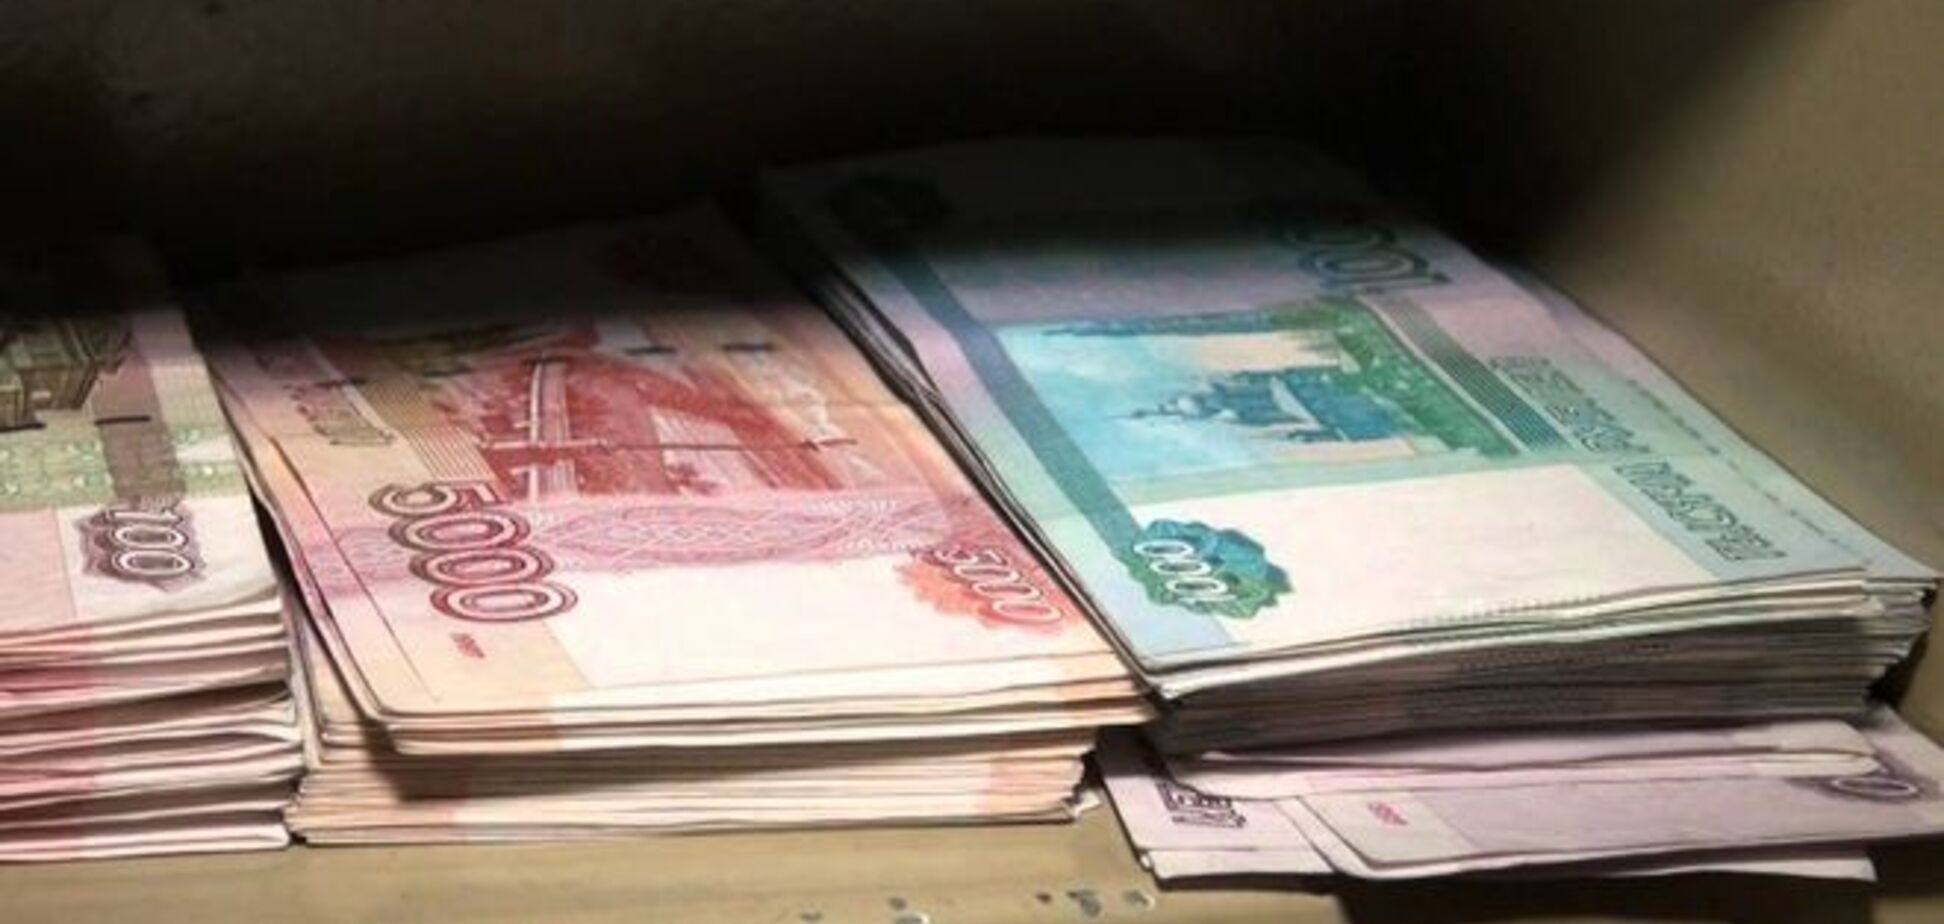 Террористы 'ДНР' выдали бюджетникам зарплаты недействительными рублями